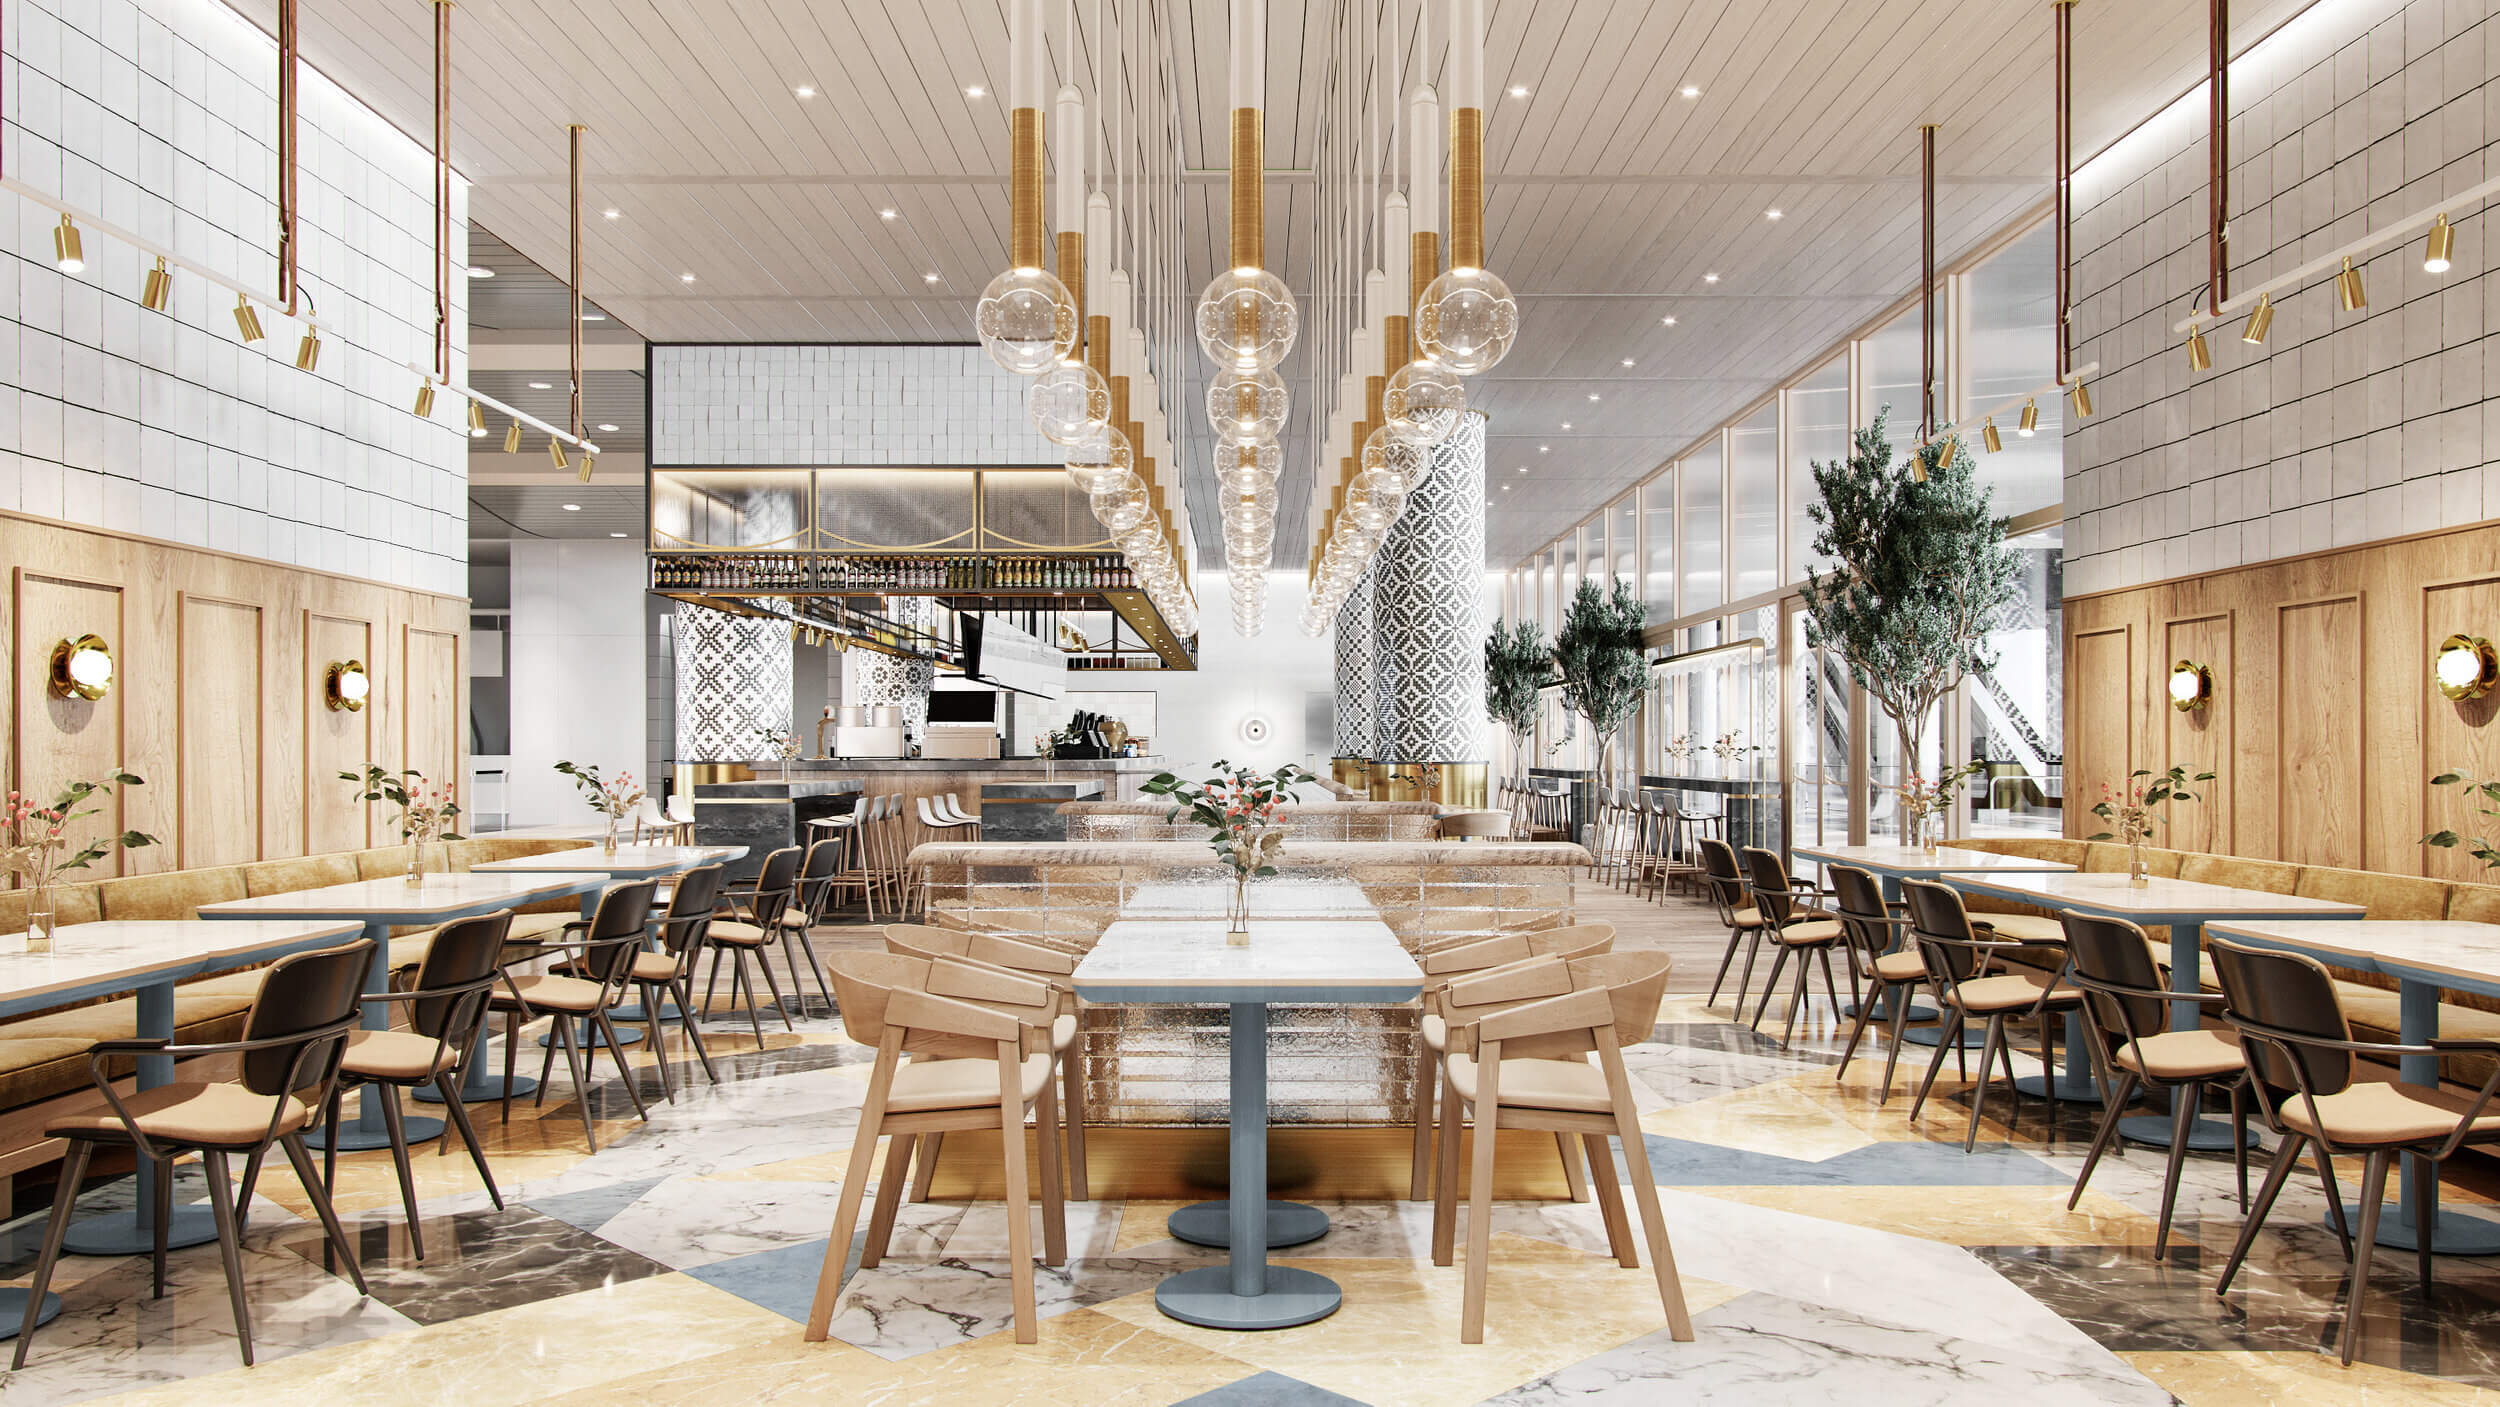 Nội thất gỗ nhà hàng hiện đại